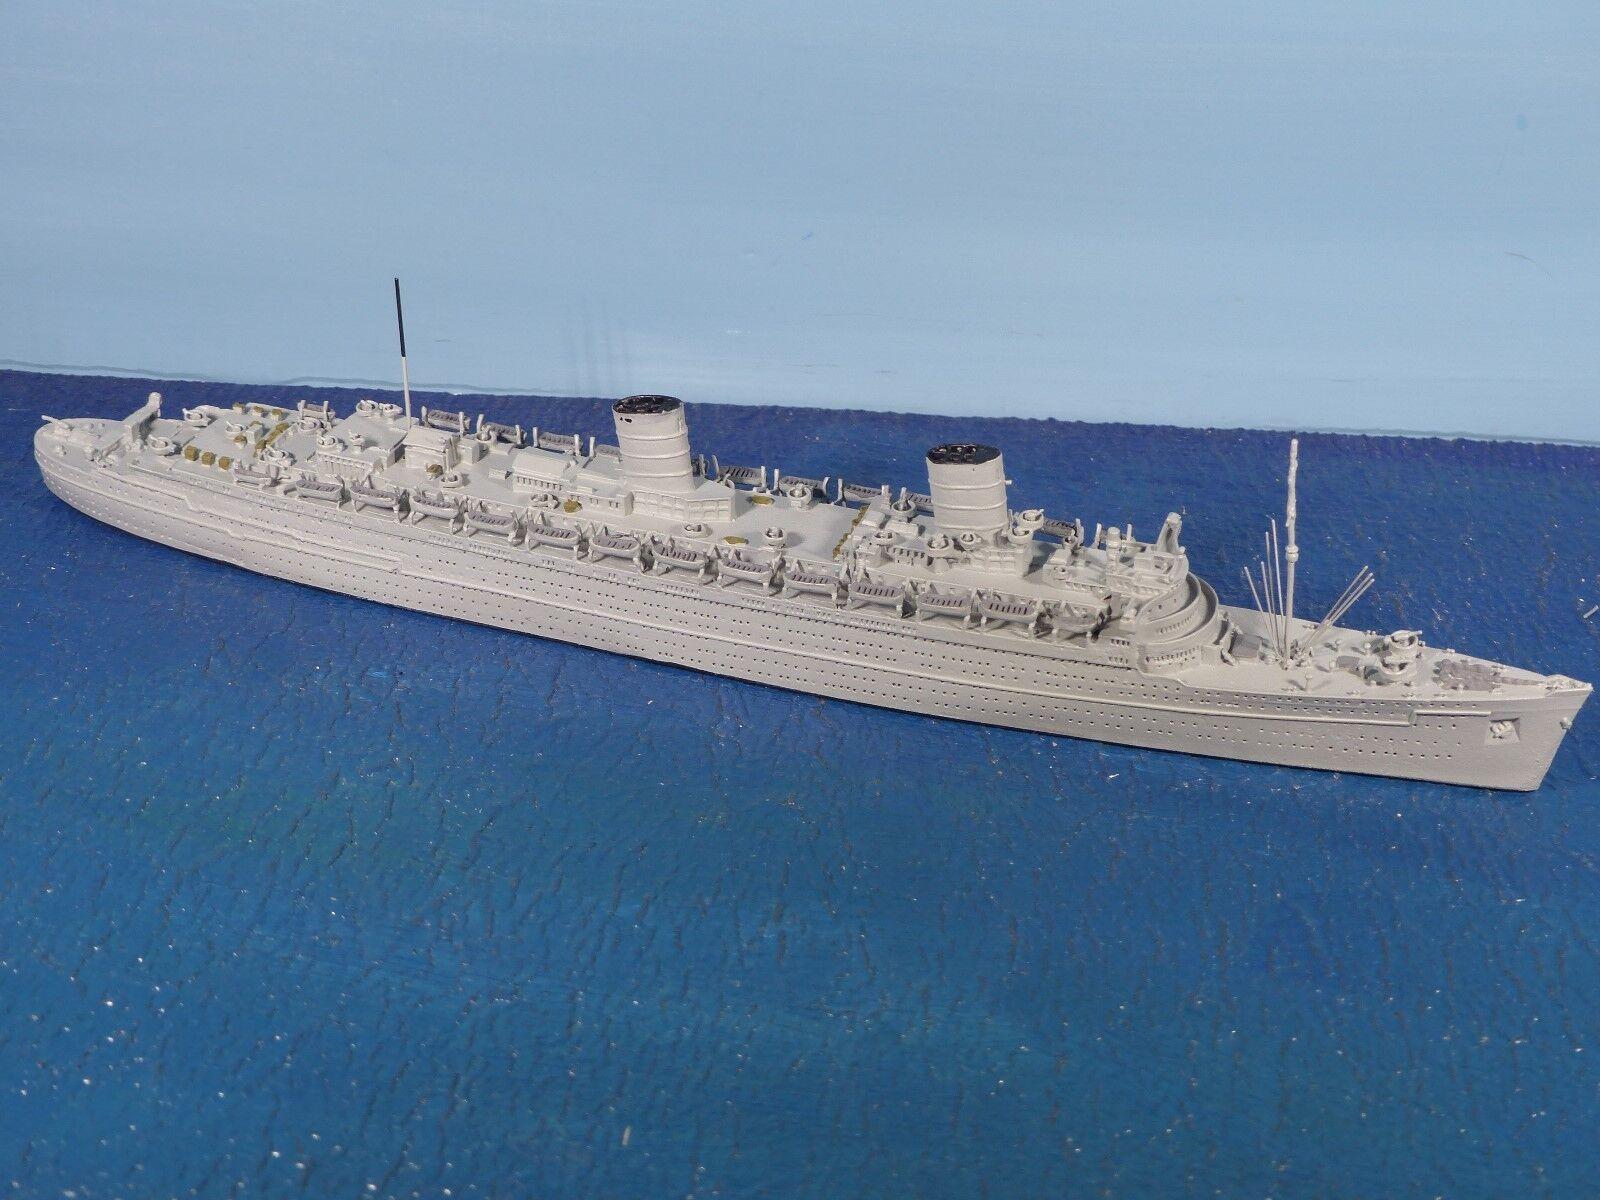 ¡No dudes! ¡Compra ahora! Cm barco 1 1250 gb. tropas transportador    Queen Elizabeth  cm p 31 OVP  barato